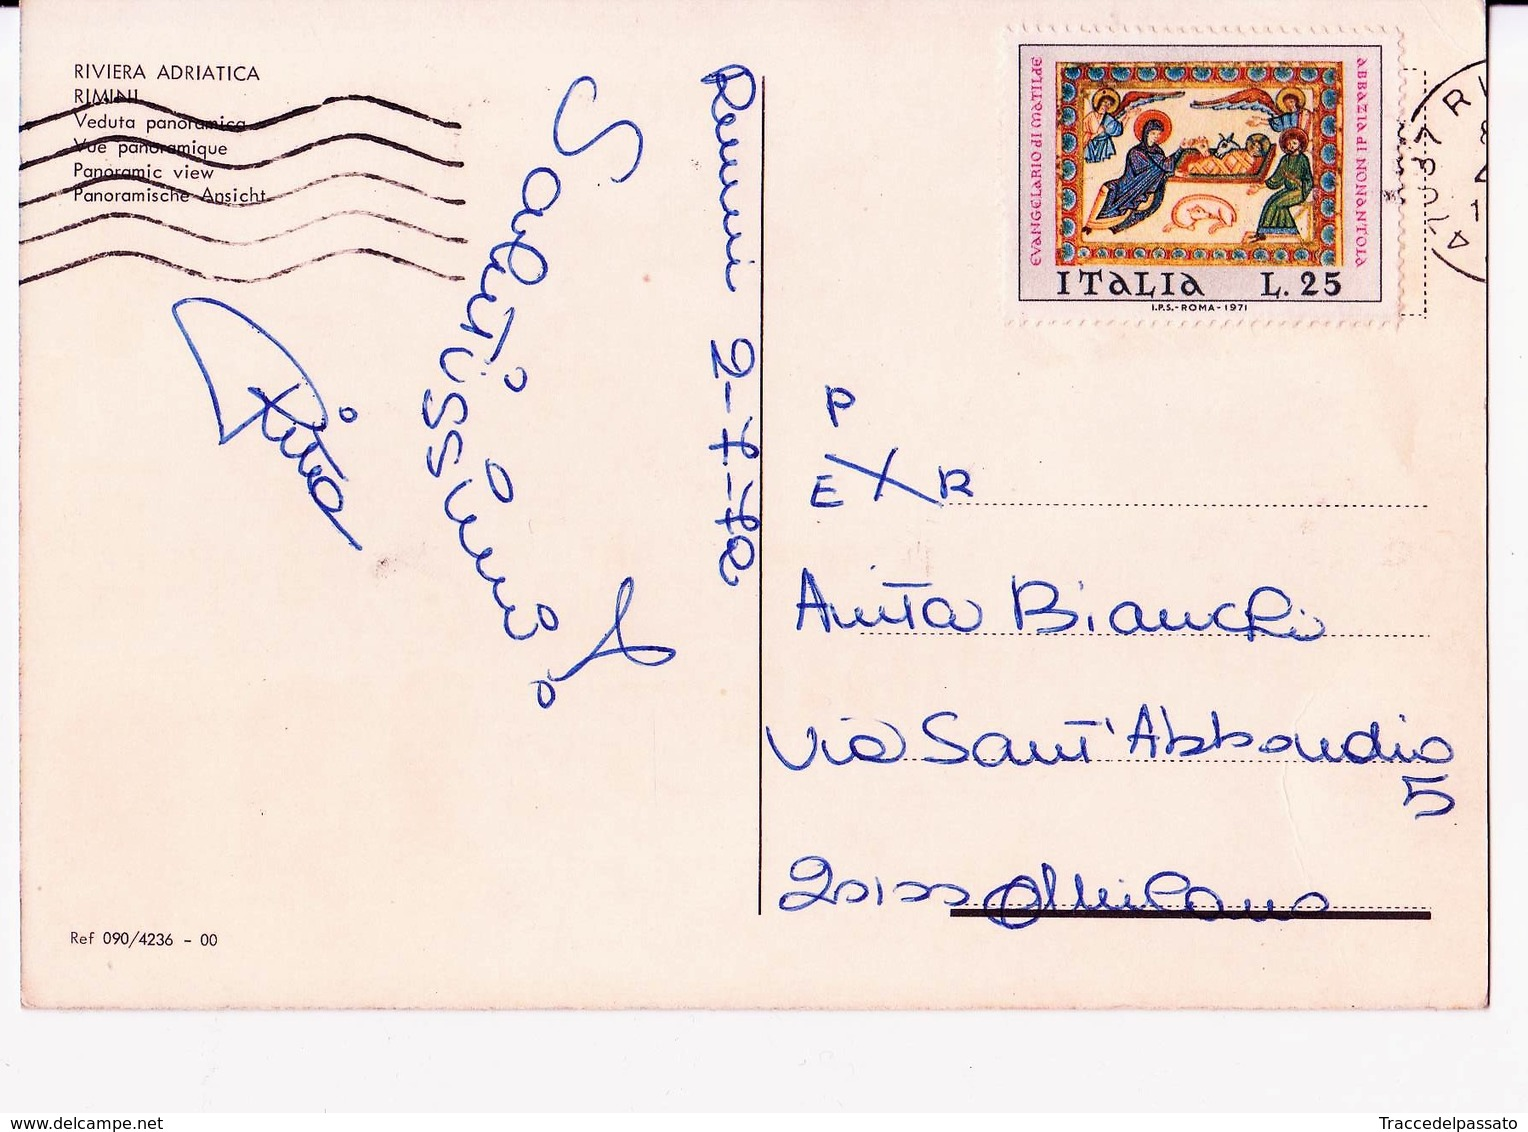 CARTOLINA RIVIERA ADRIATICA - RIMINI - PANORAMICA -  1972- FRANCOBOLLO ABBAZIA DI NONANTOLA - Rimini